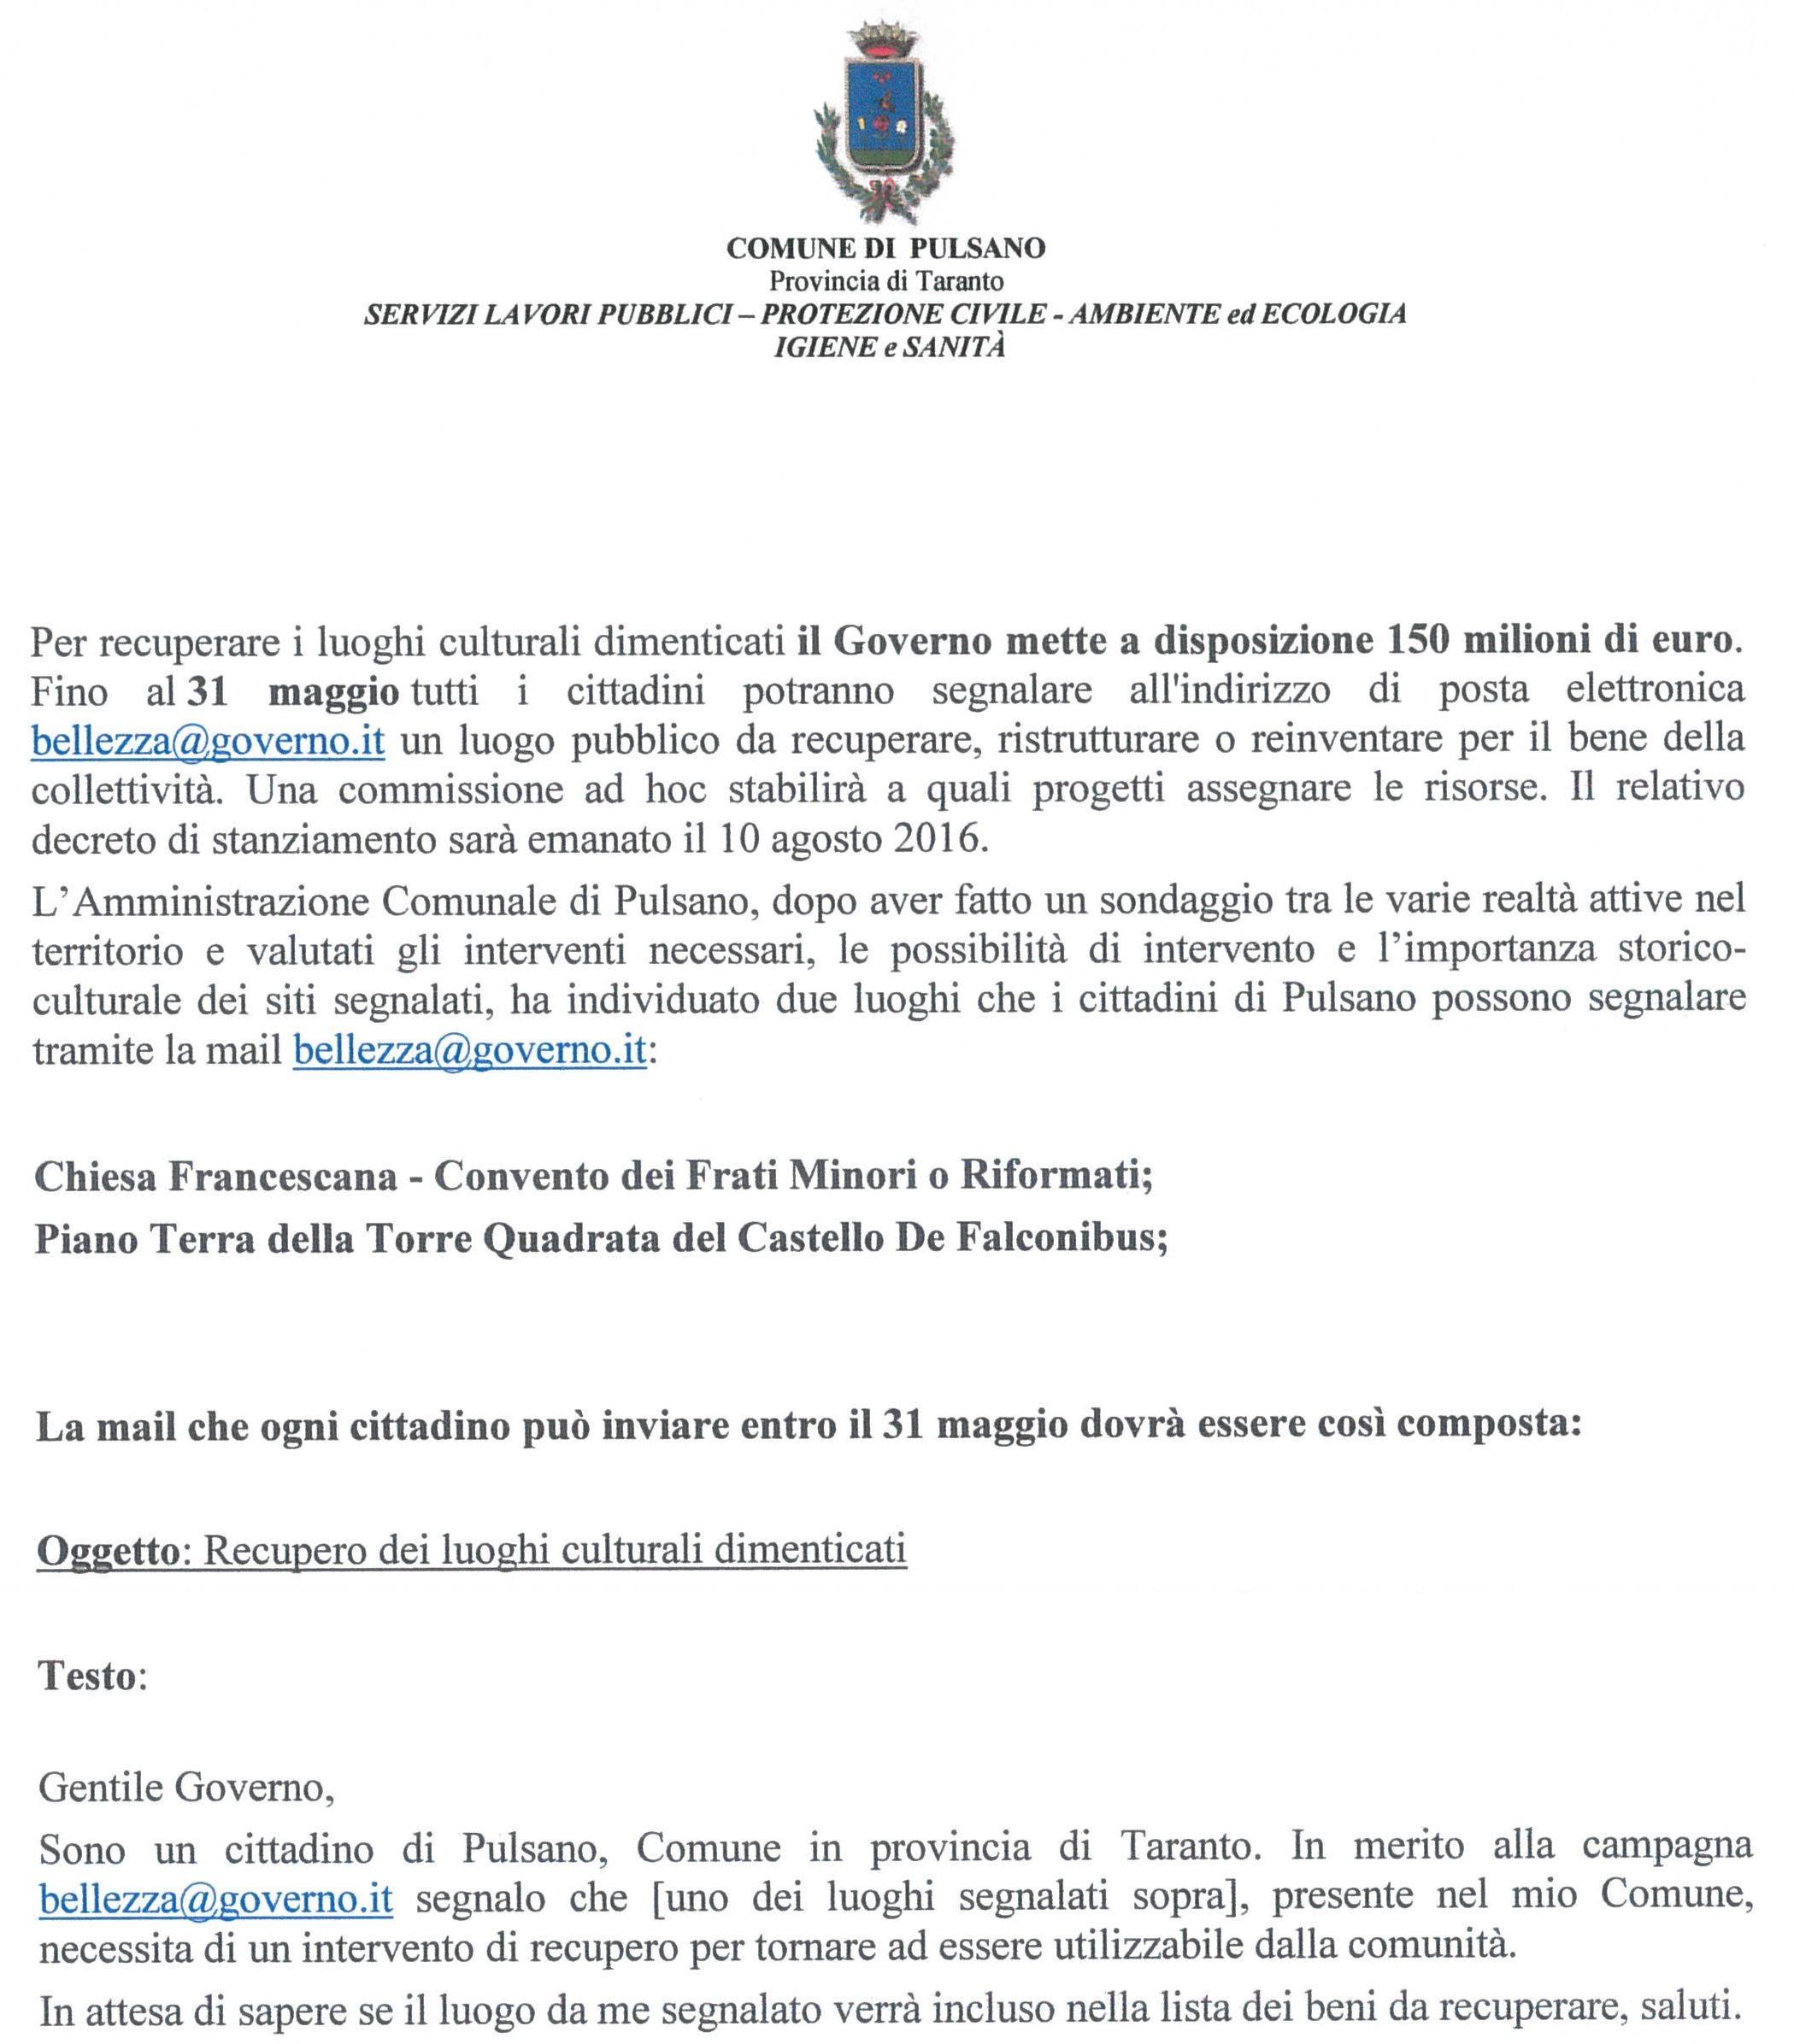 une di Pulsano derecho calendario 2019 word modificabile crédito de la imagen une pulsano ta